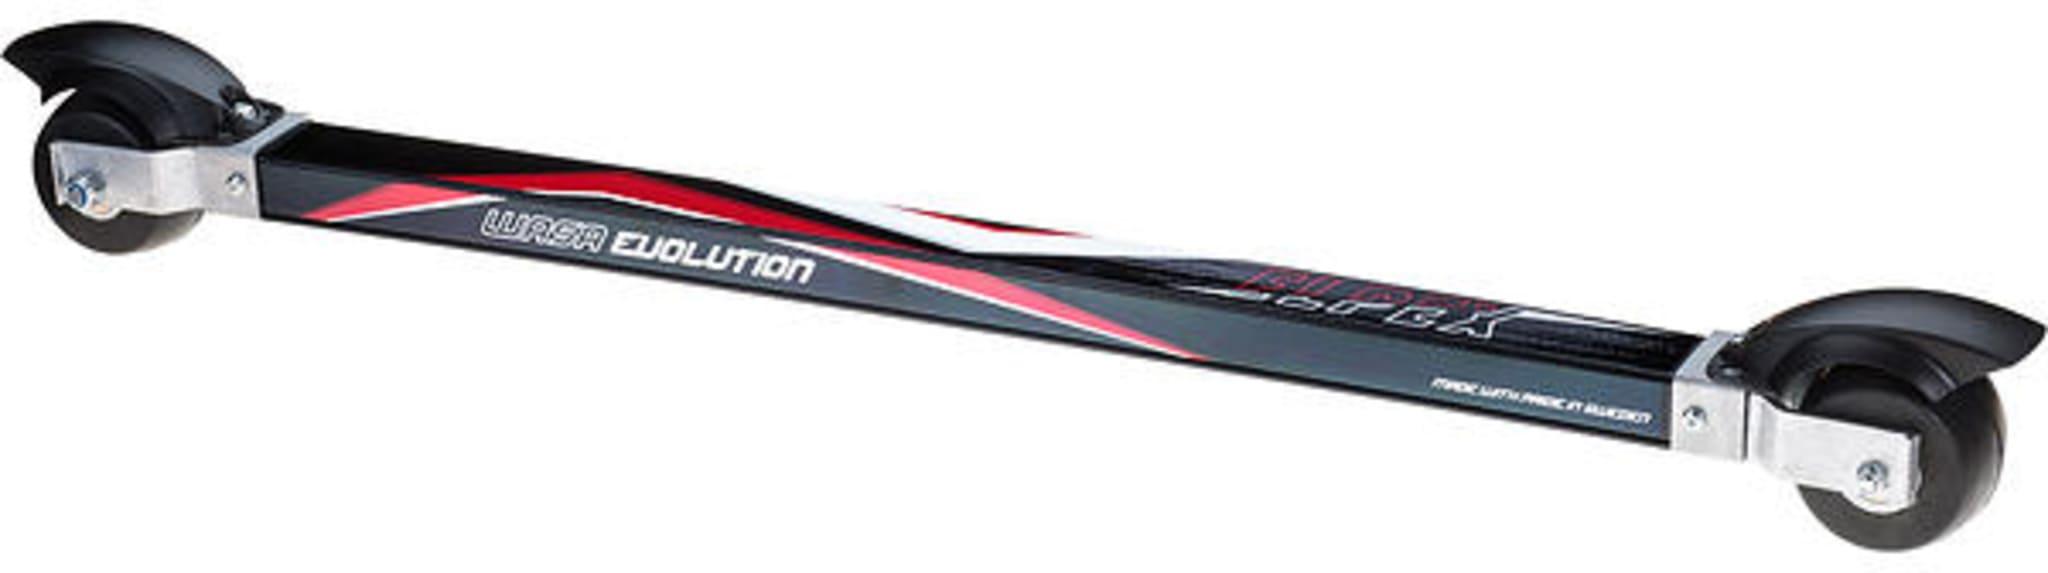 Stabil og god ski fra Elpex i kompositt-materiale